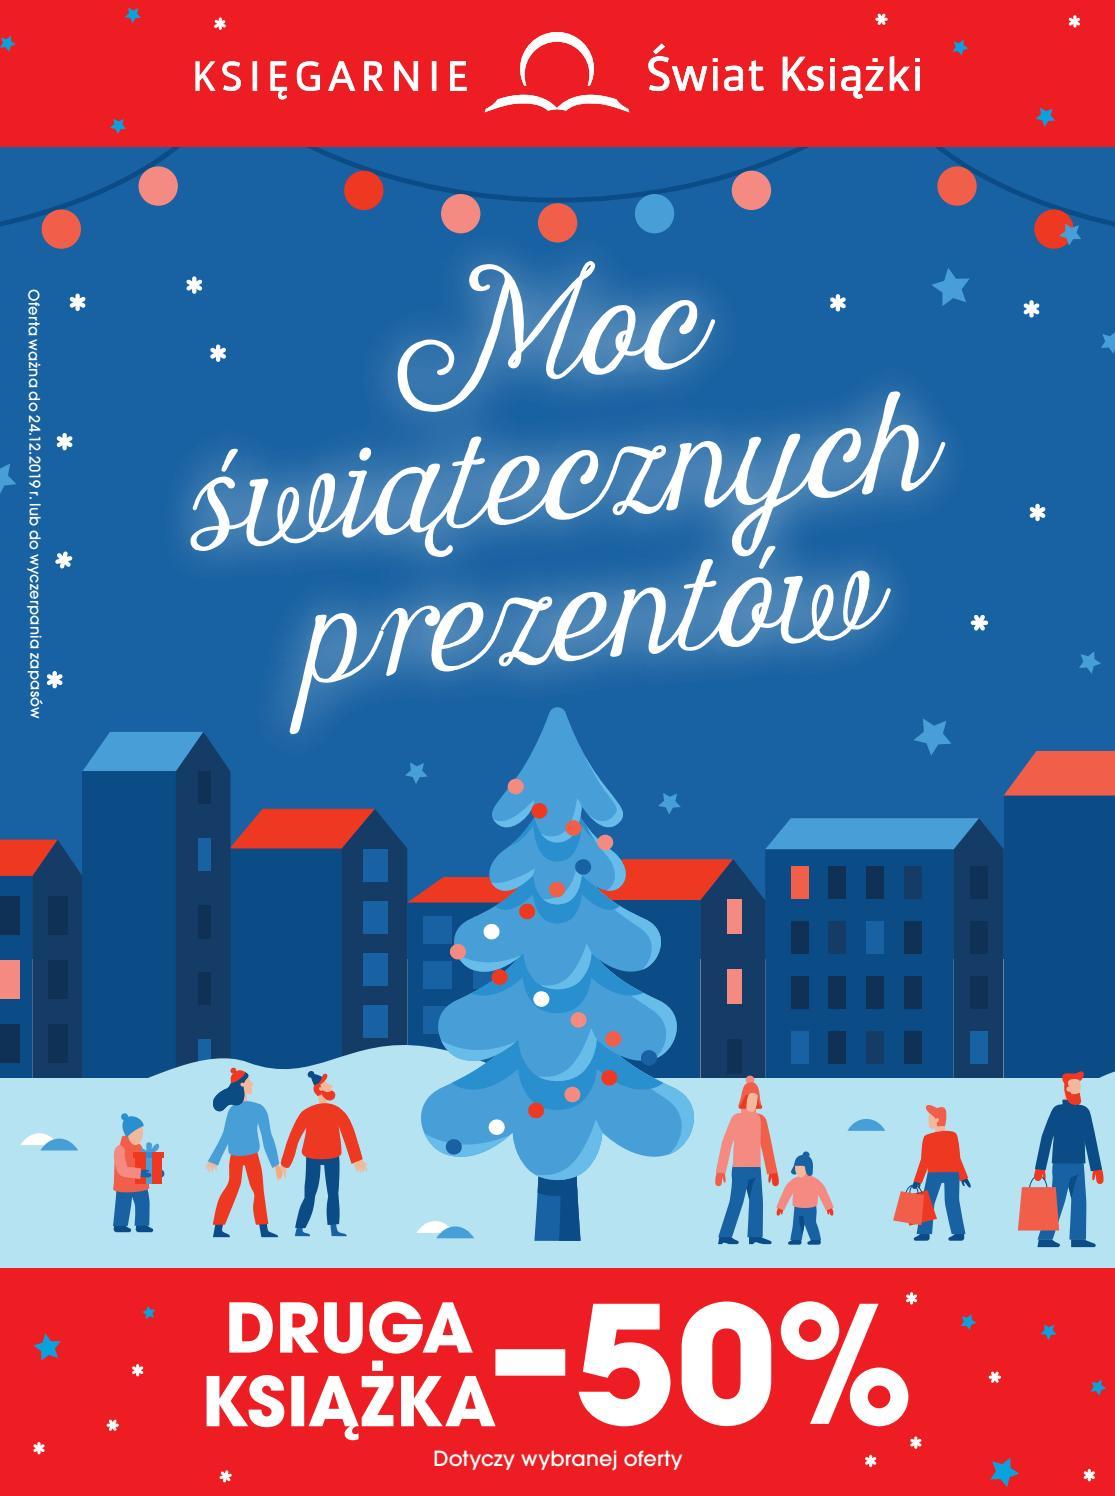 Katalog Ksiegarnie Swiat Ksiazki 12 2019 By Swiatksiazki Pl Issuu